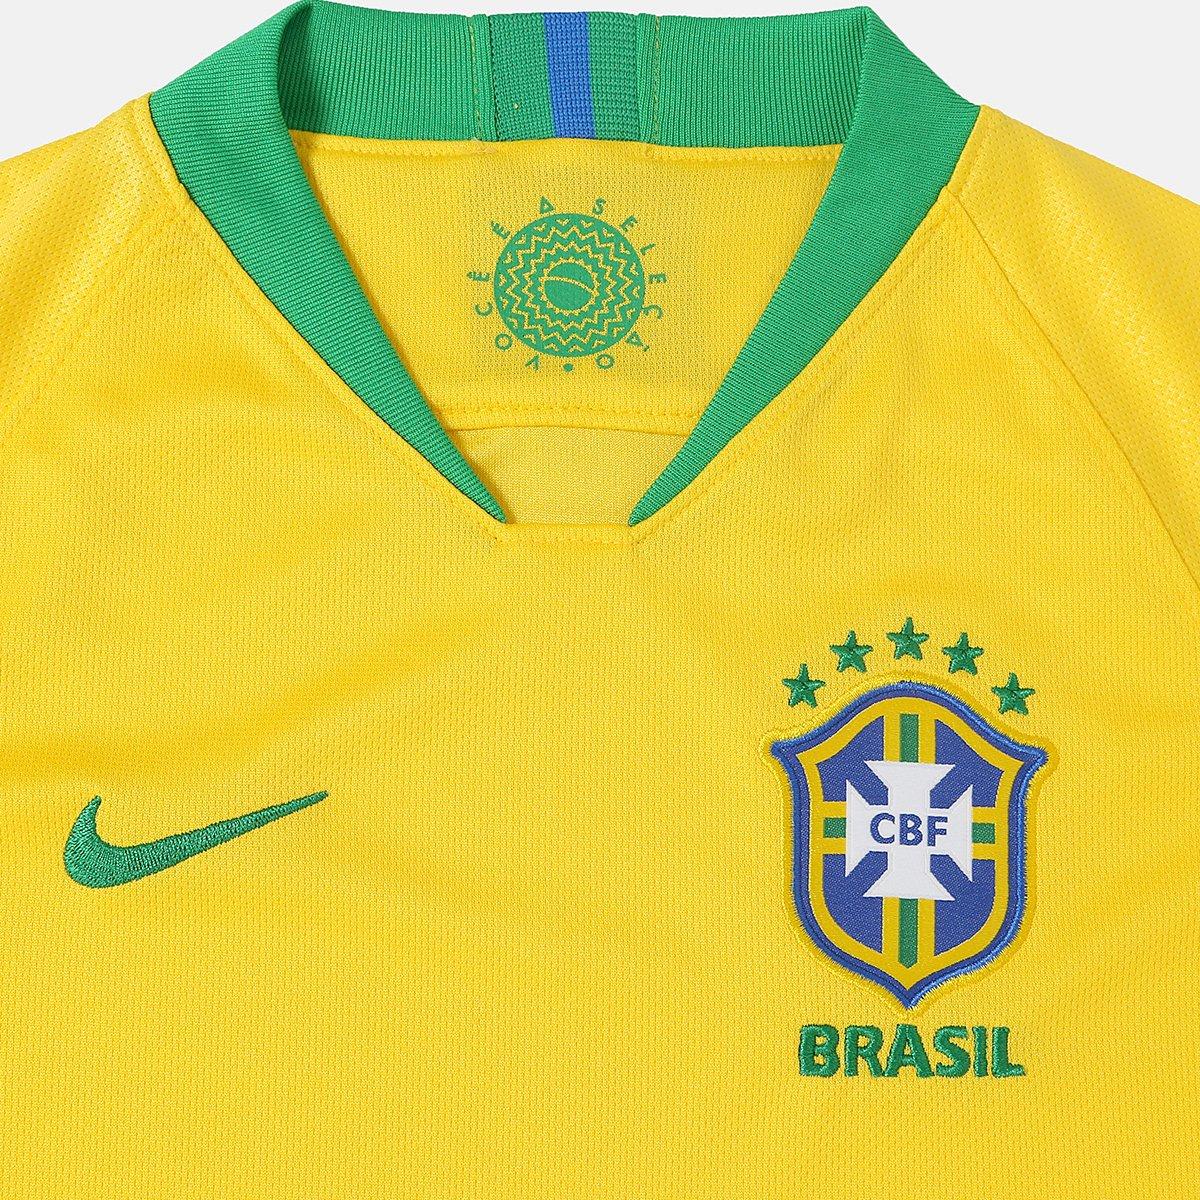 ... Camisa Juvenil Seleção Brasil I 2018 nº 11 P. Coutinho - Torcedor Nike  ... 4f5162e3f509f